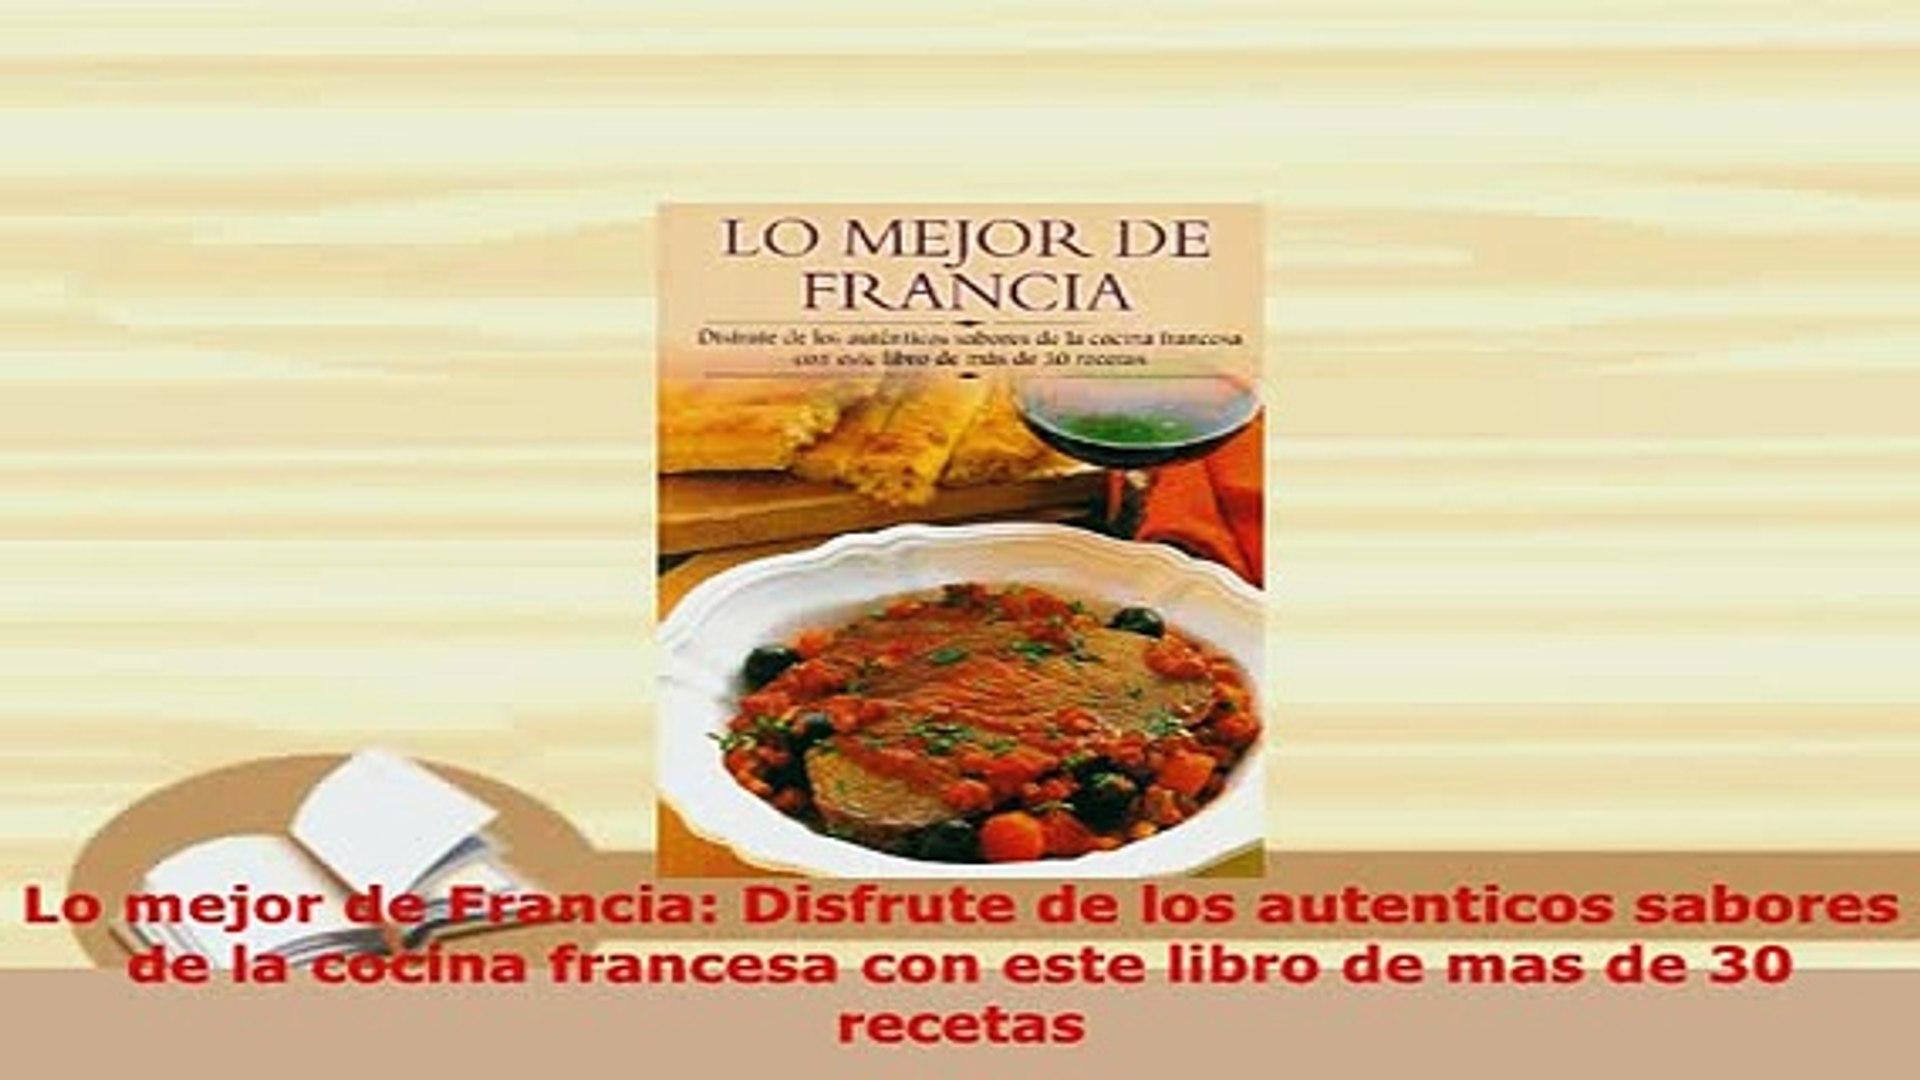 Pdf Lo Mejor De Francia Disfrute De Los Autenticos Sabores De La Cocina Francesa Con Este Pdf Online Video Dailymotion